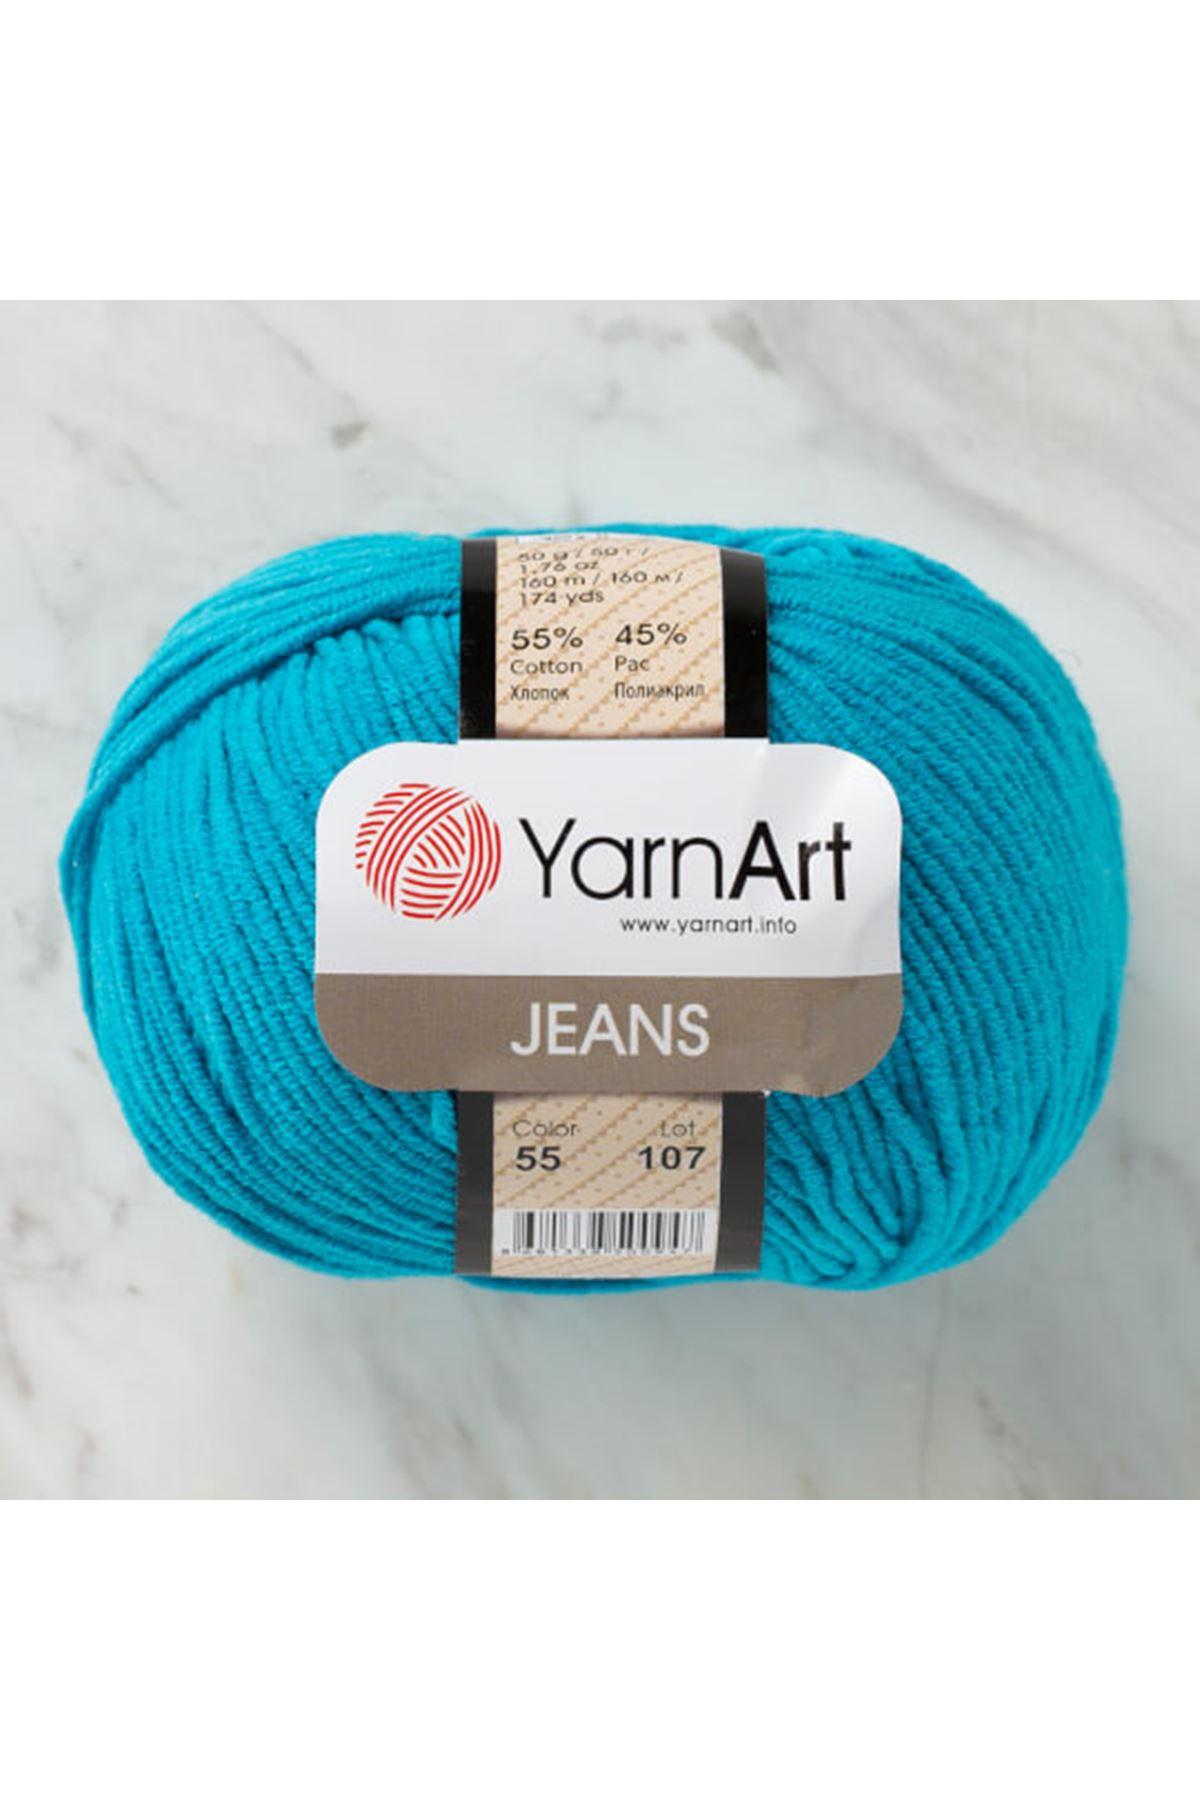 Yarnart Jeans 55 Koyu Turkuaz